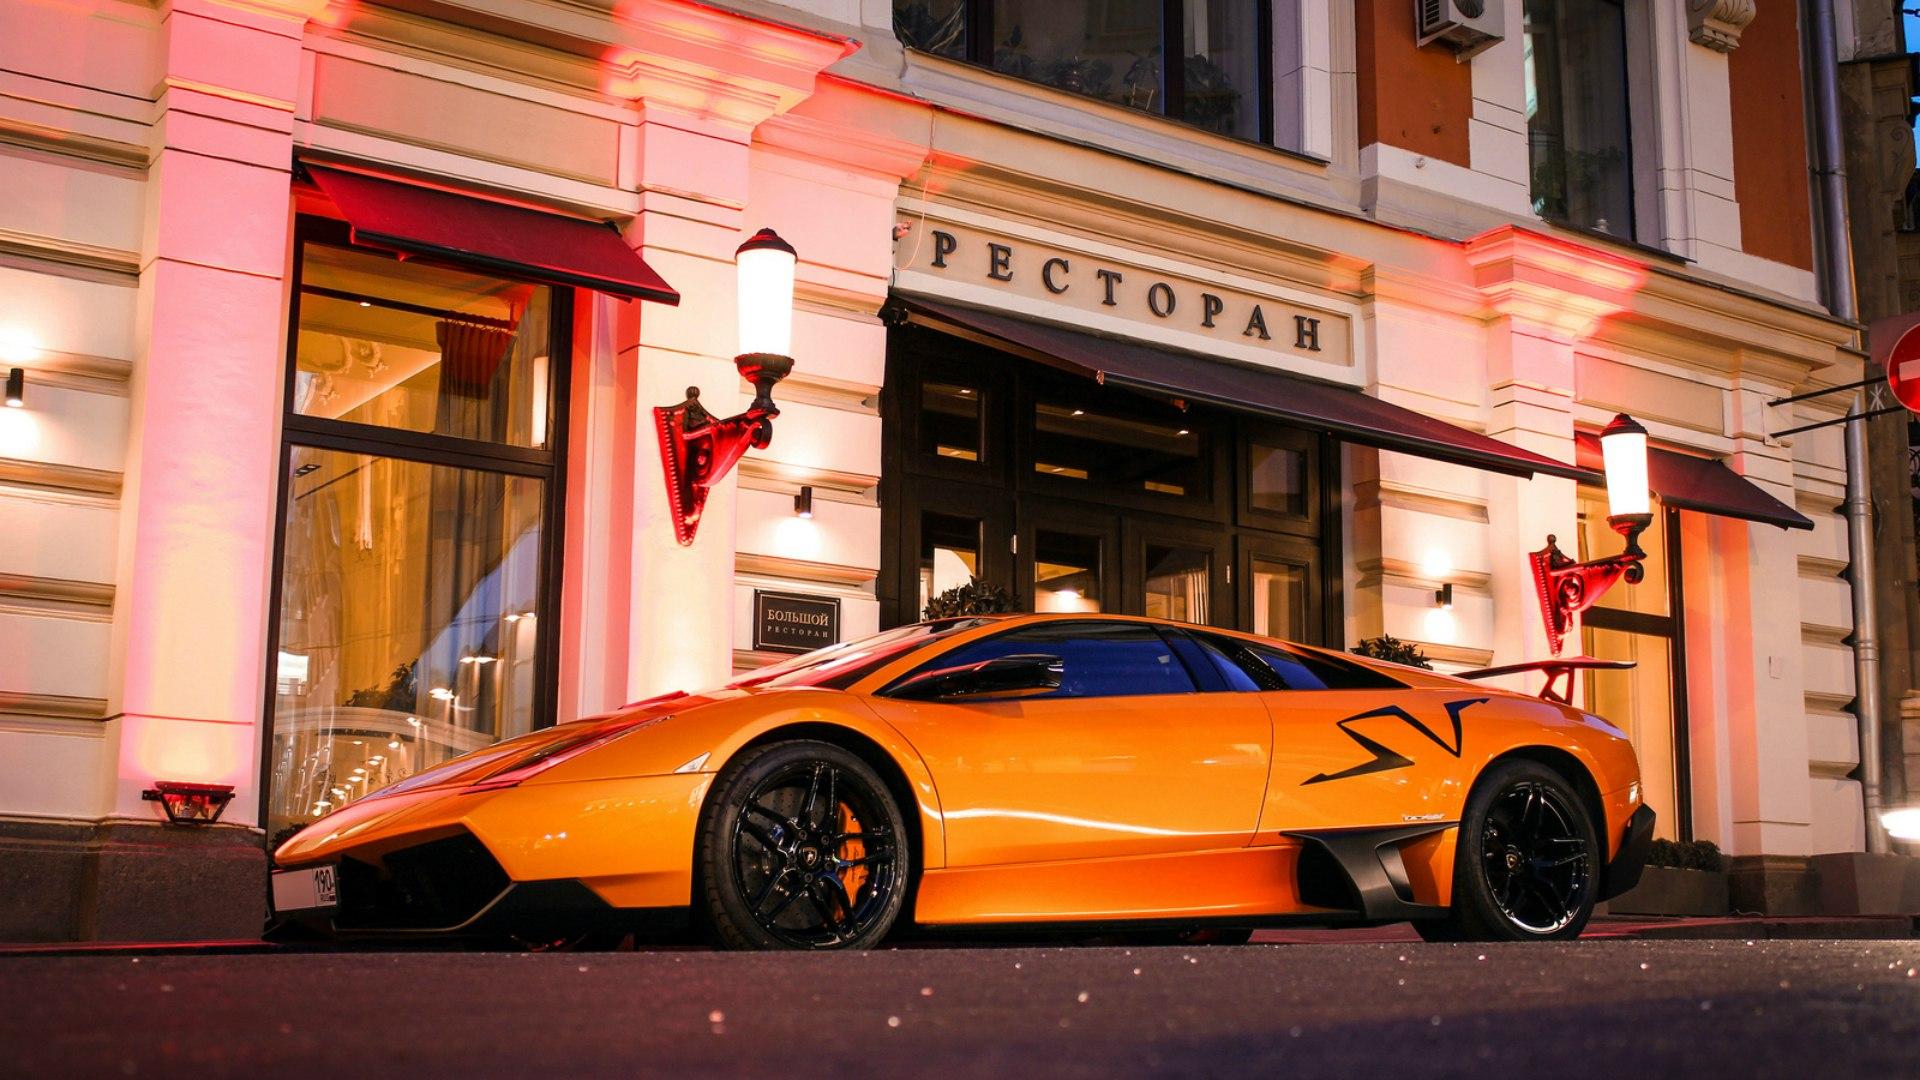 Авентадор фото на улице в москве